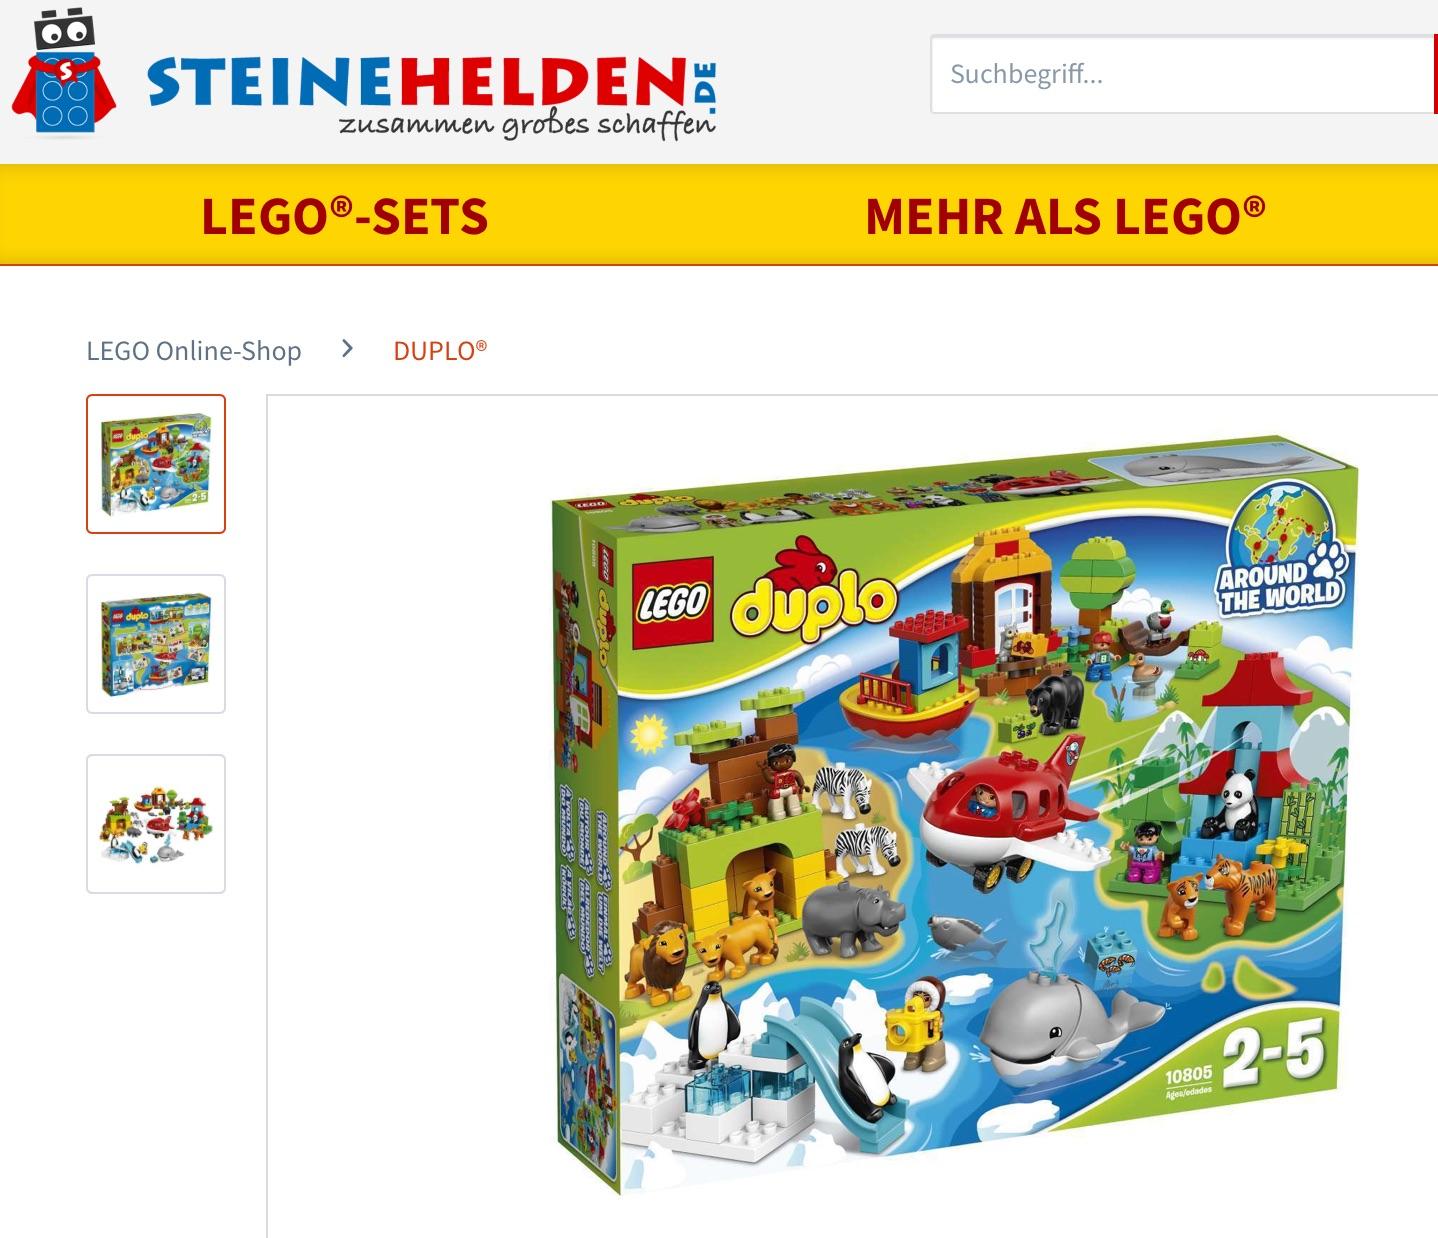 Bestes Lego DUPLO Set aktuell am Markt (inkl. Held der Steine Video) 10805 Einmal um die Welt bei Steinehelden.de / digitalo